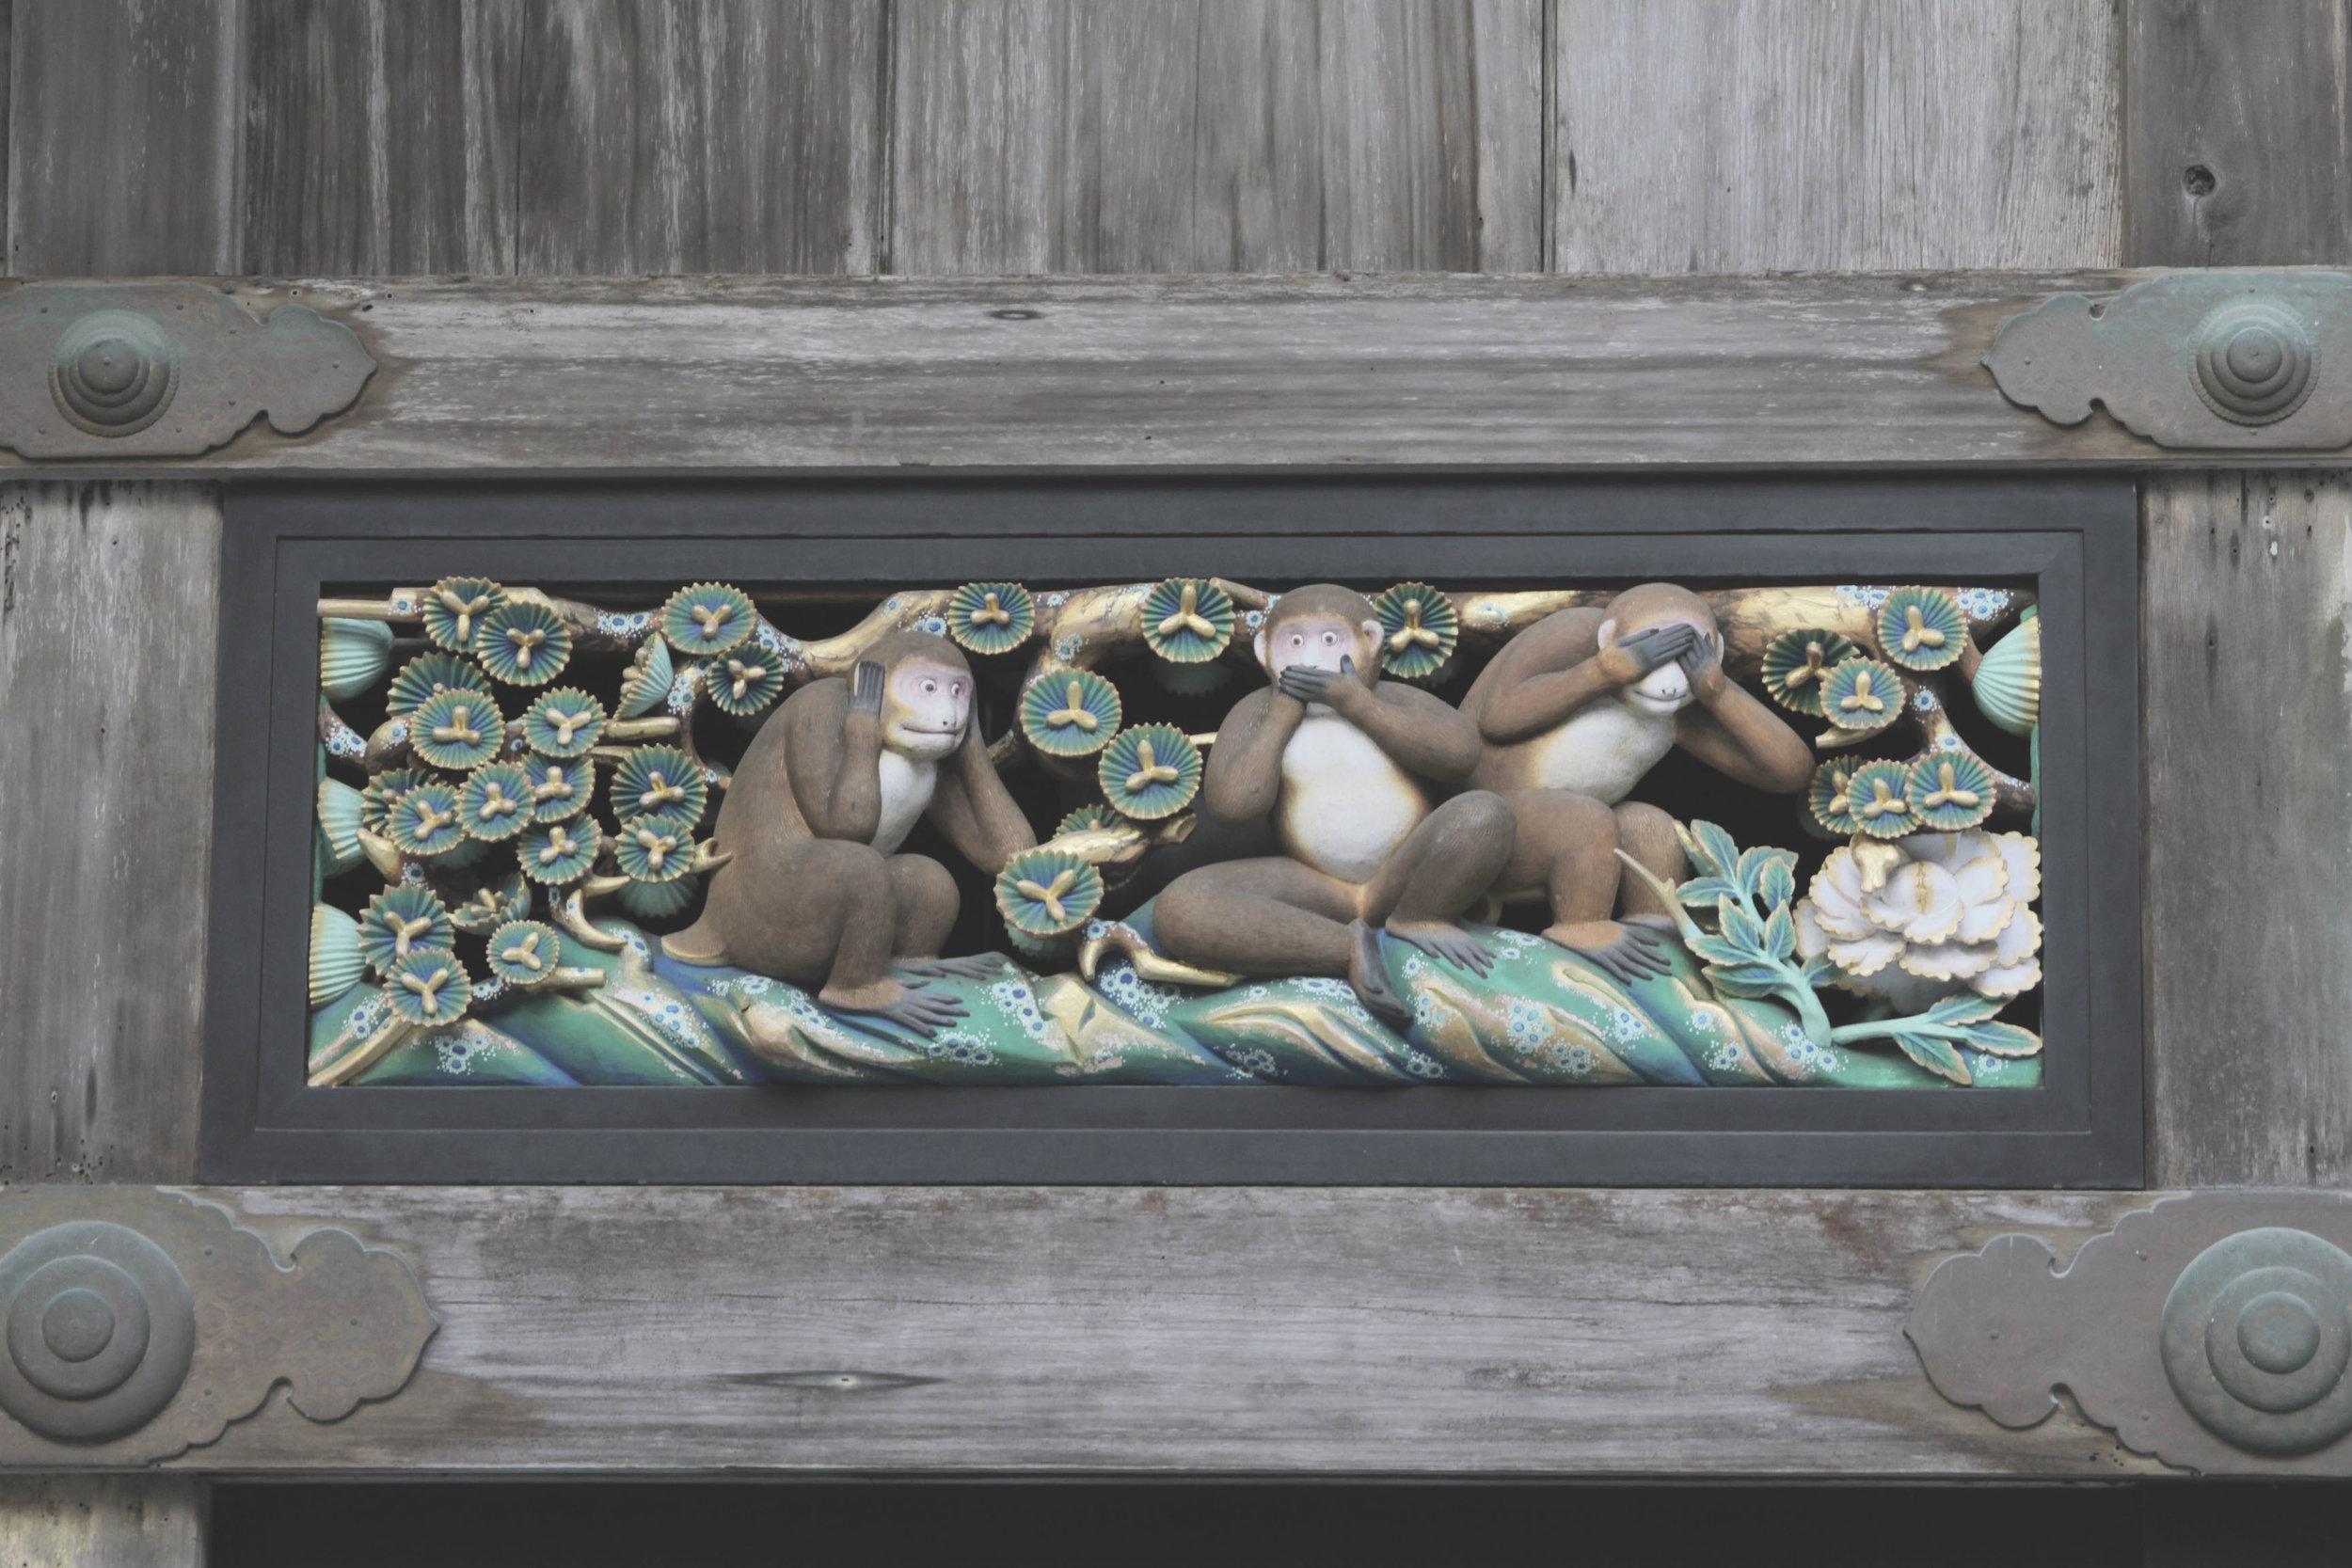 O trio de macacos: um que não vê,outro que não ouve e outro que não fala. Compondo assim os três princípios básicos do budismo tendai.